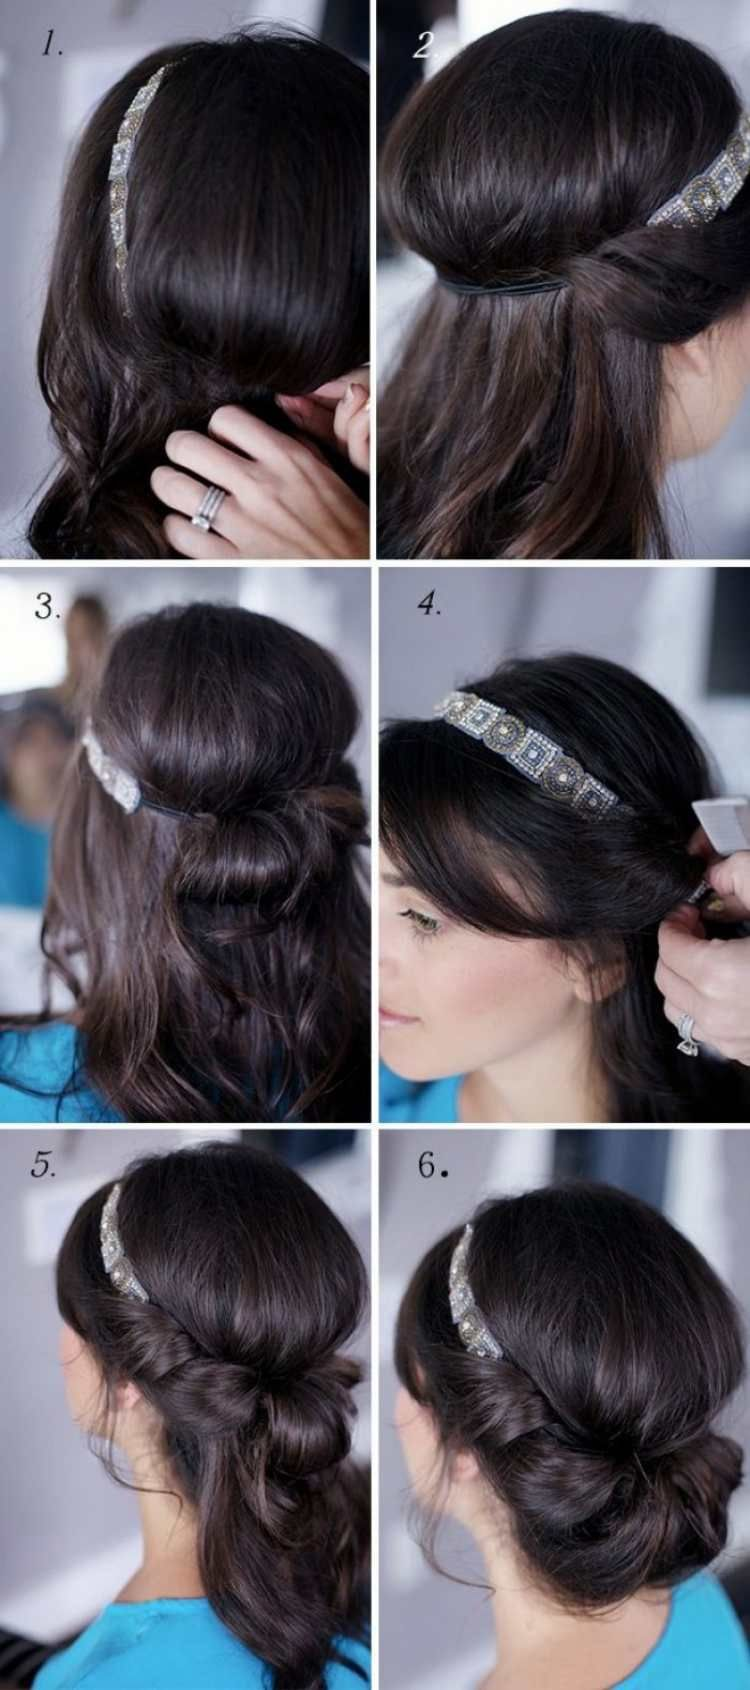 Anleitung Für Eine Elegante Frisur Mit Haarband Wiesn Frisuren